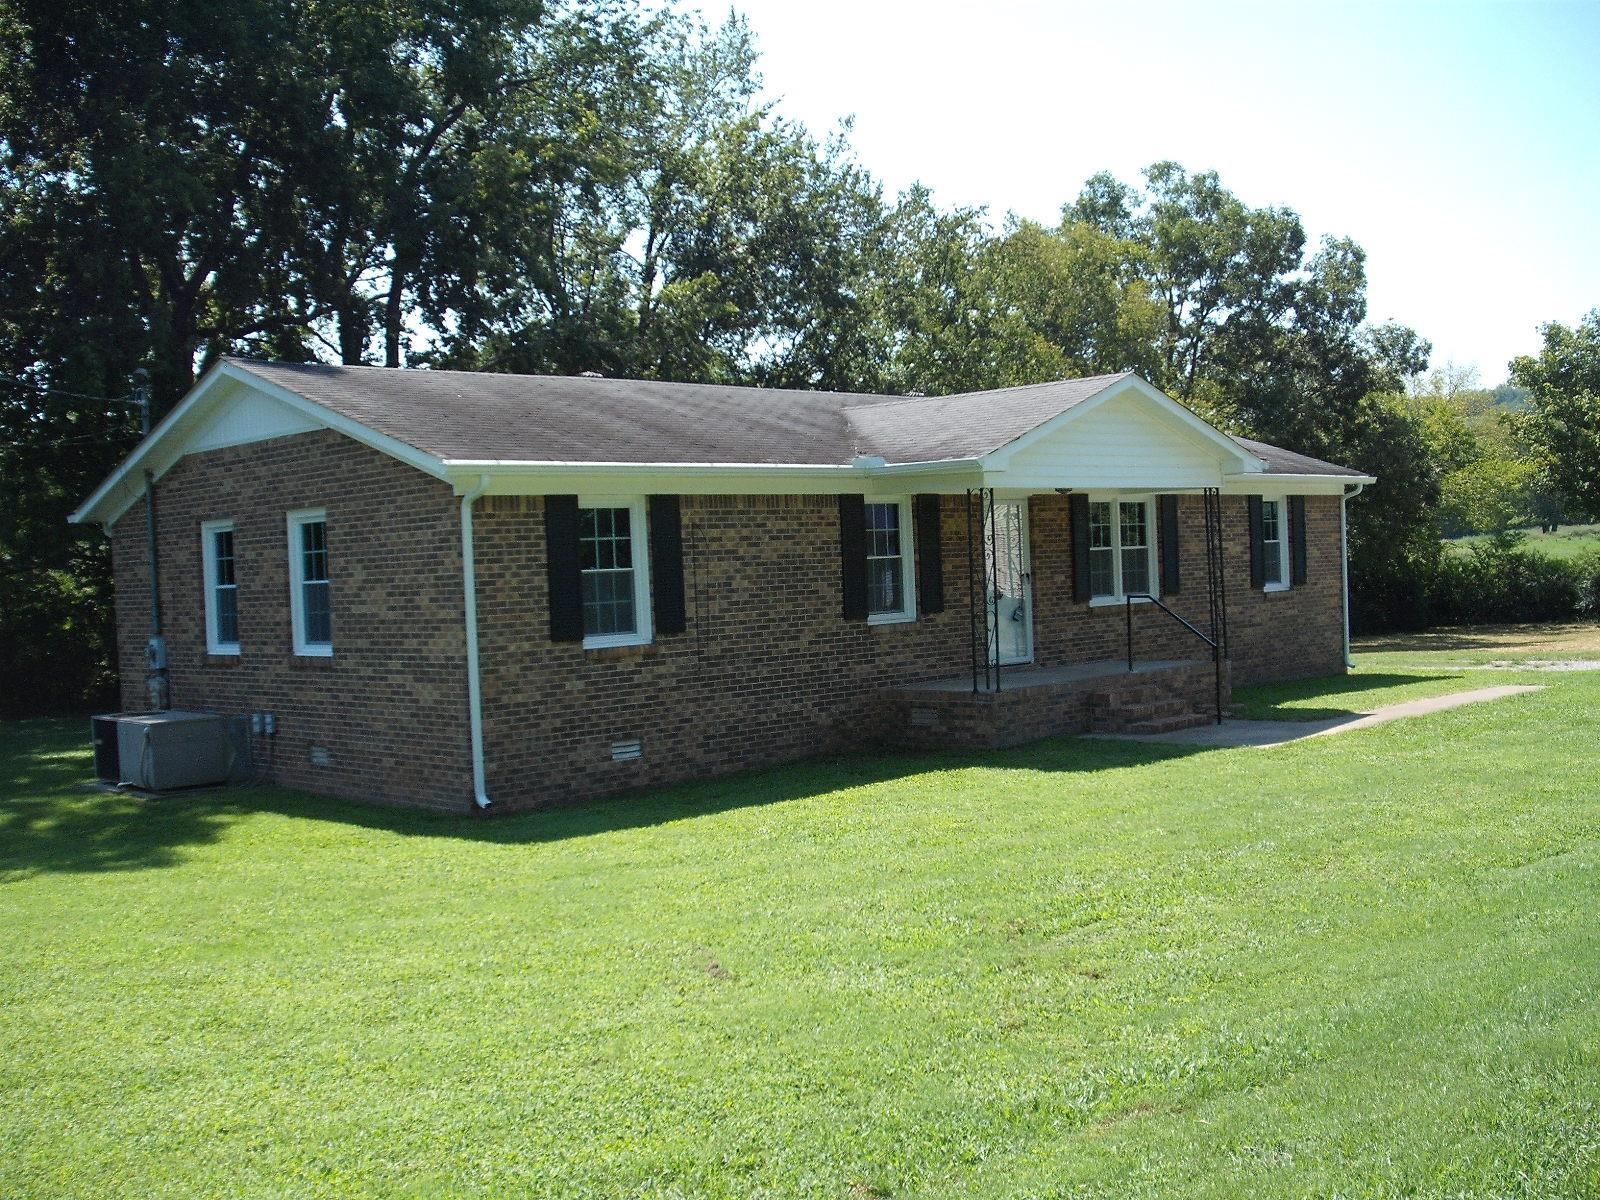 208 W Hill St, Cornersville, TN 37047